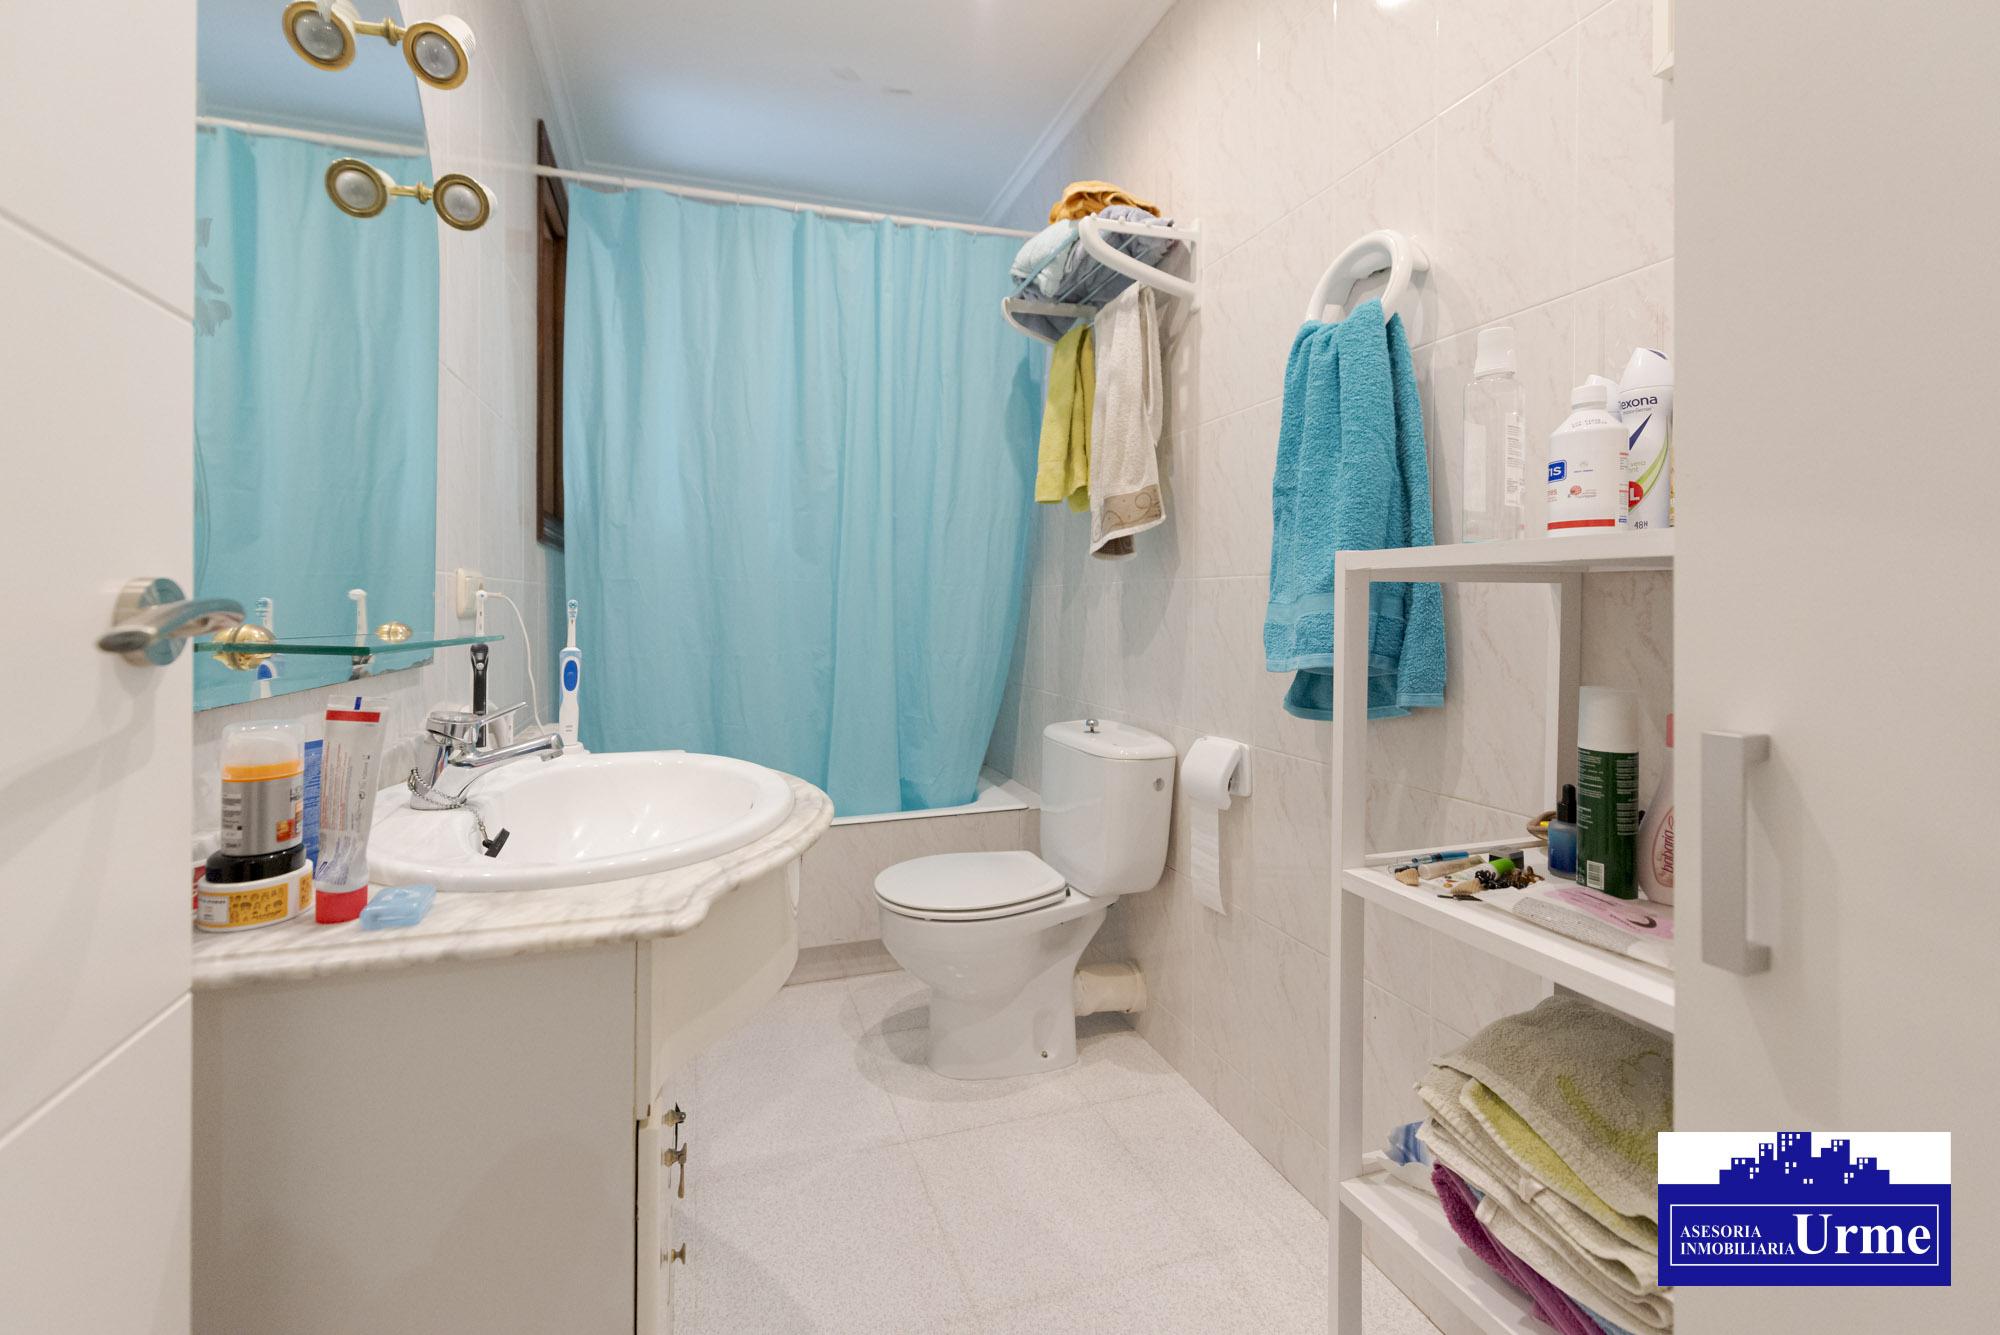 En san Miguel,vivienda sin ascensor,reformada con gusto.3 Habitaciones, gran salon, bonita cocina,despensa y baño.Proxima a la estacion.Informate!!